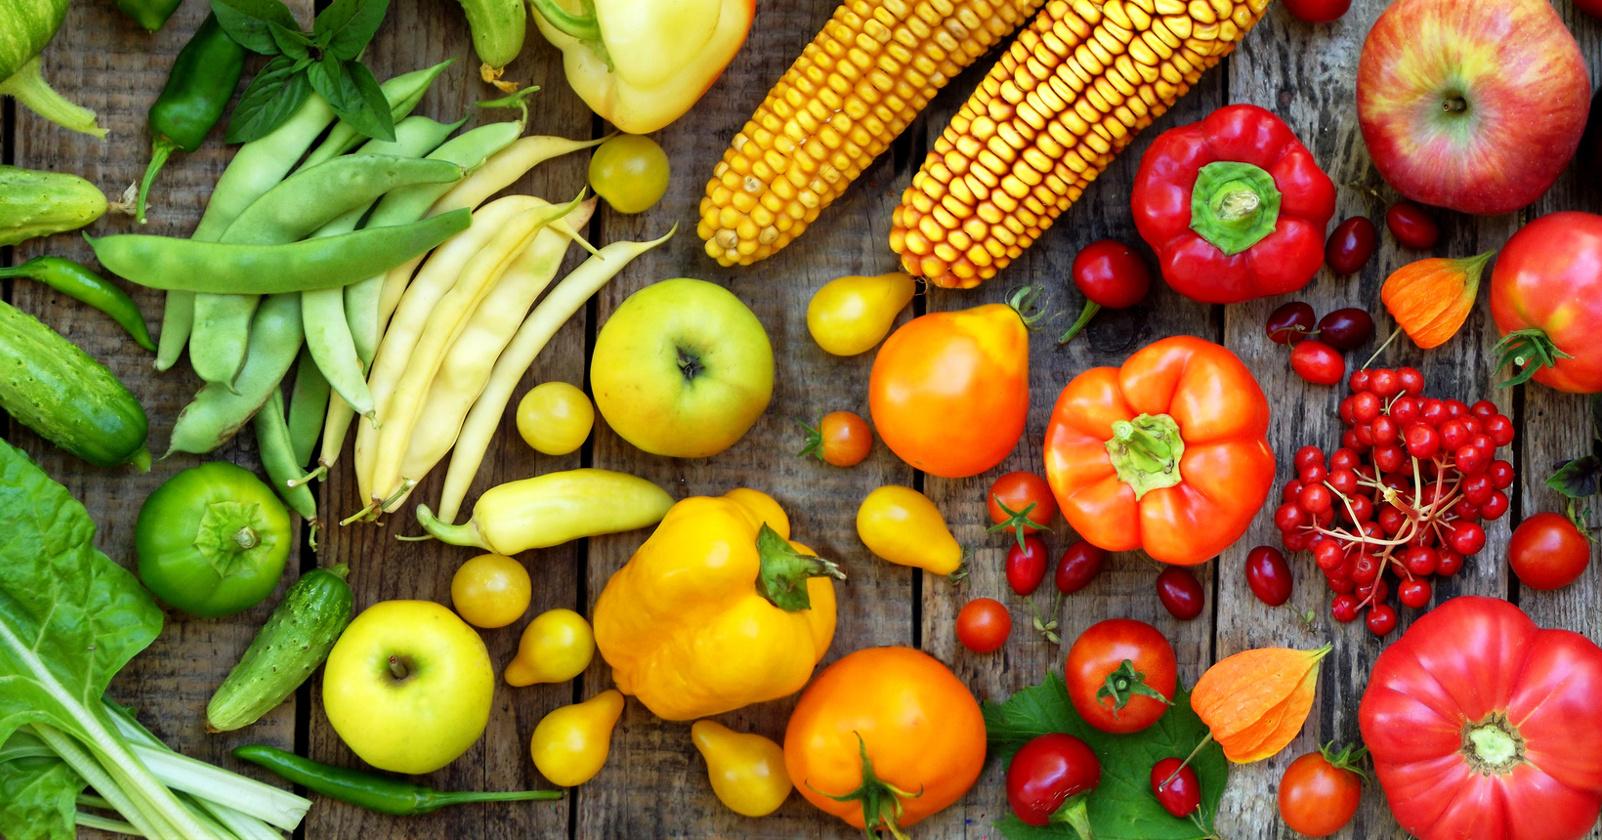 Eine gesunde Ernährung mit Obst und Gemüse ist hilfreich, wenn Sie unter einem Reizmagen leiden.